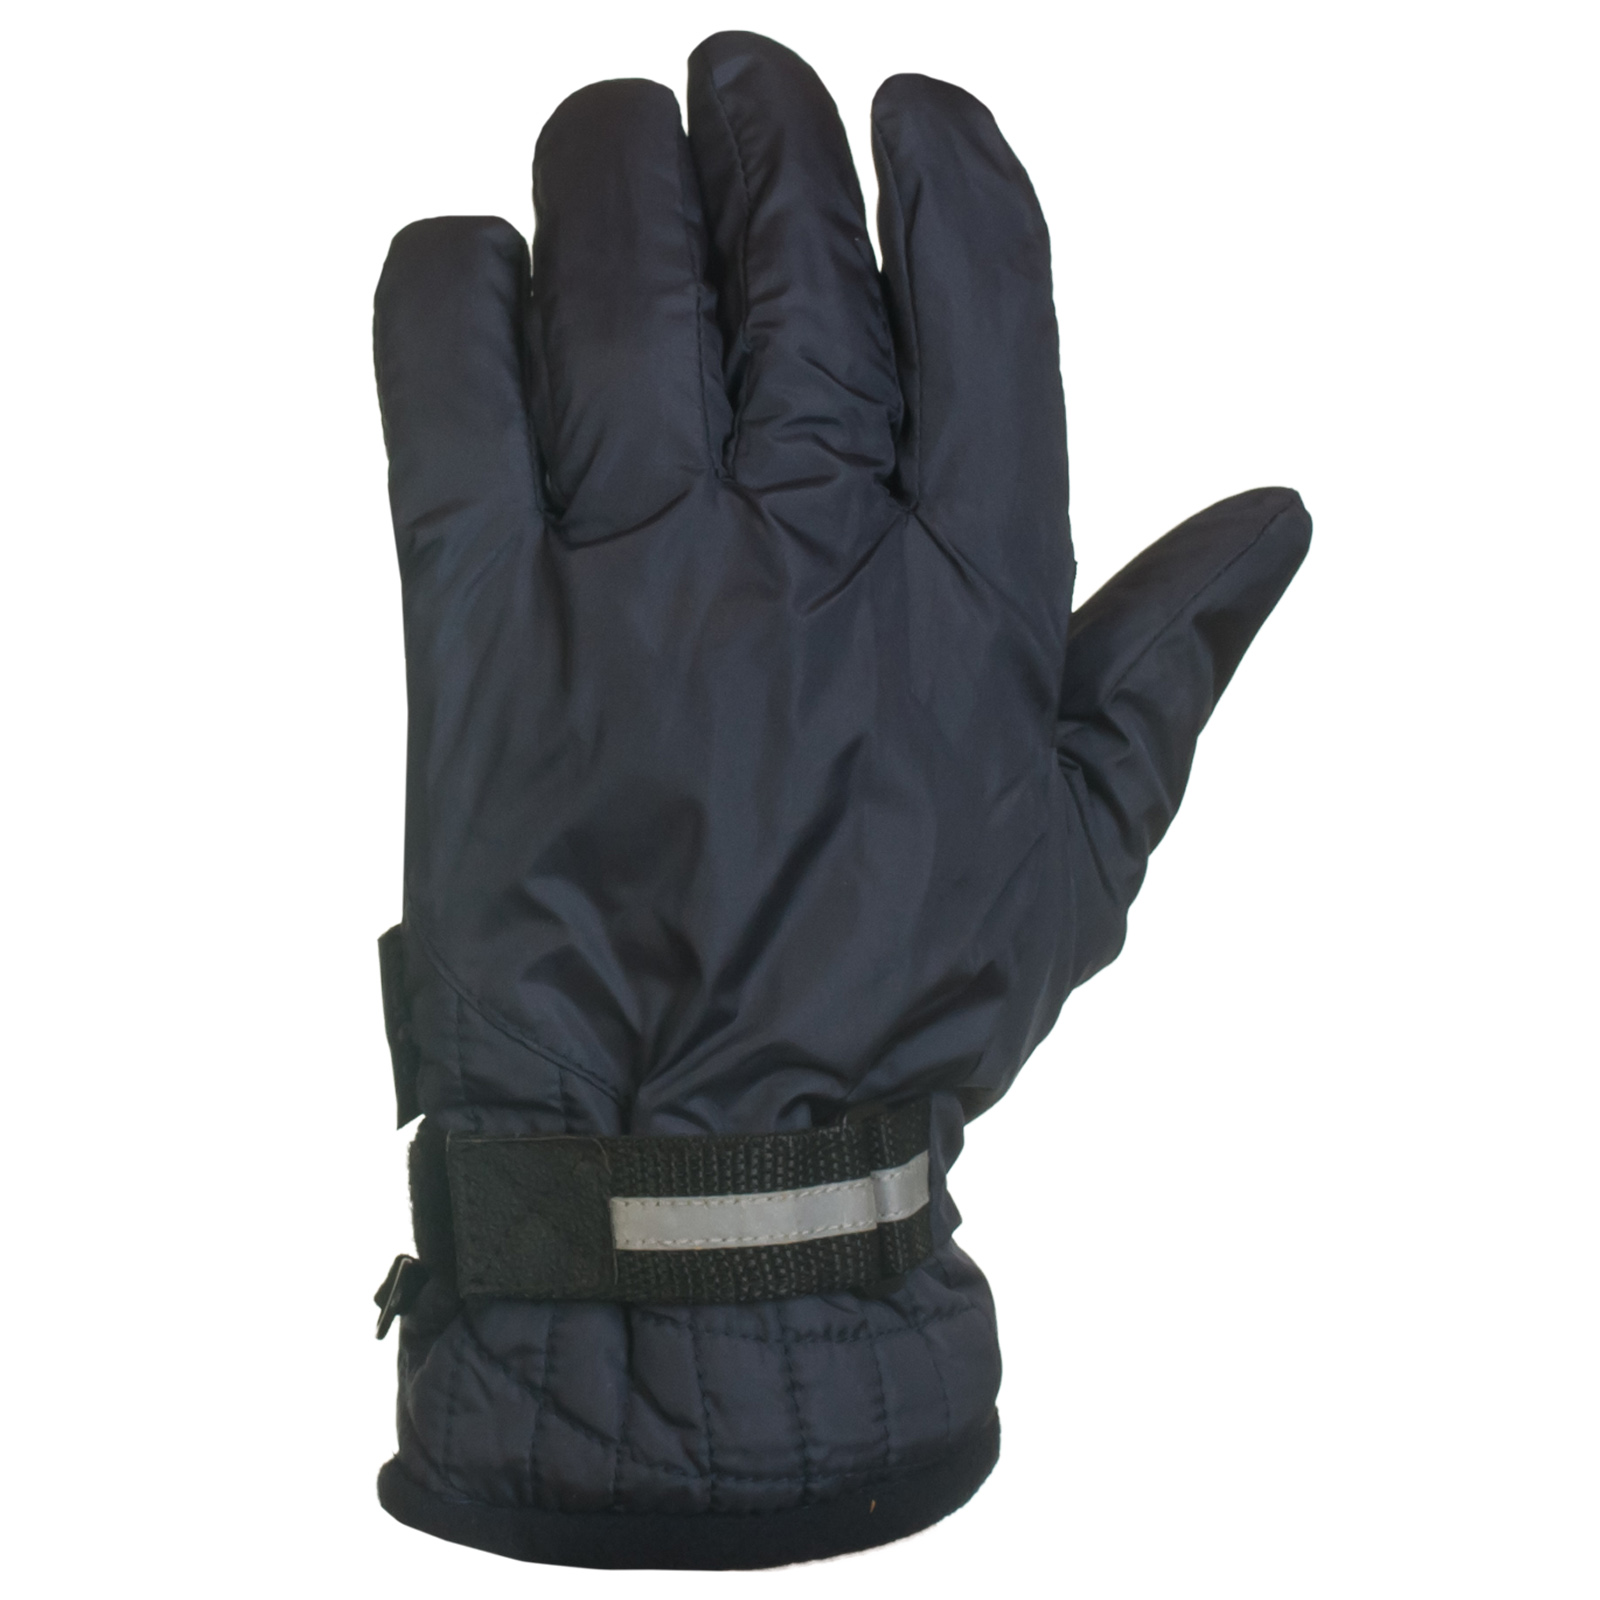 Практичные синие перчатки с фиксатором на запястье